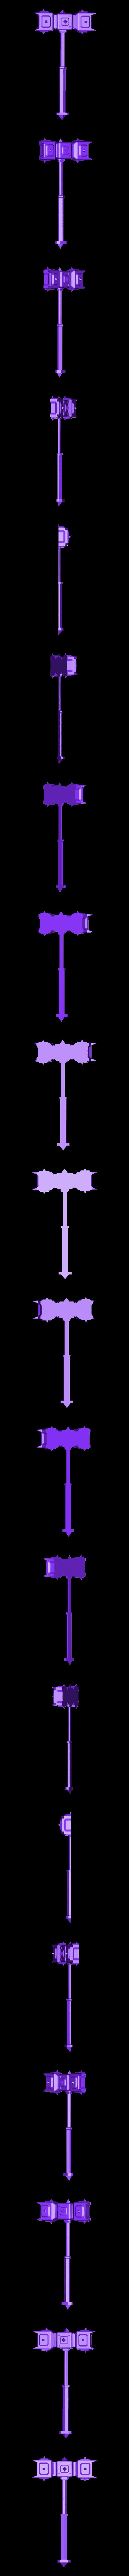 maza mid.stl Télécharger fichier STL gratuit marteau de guerre • Modèle imprimable en 3D, 3liasD